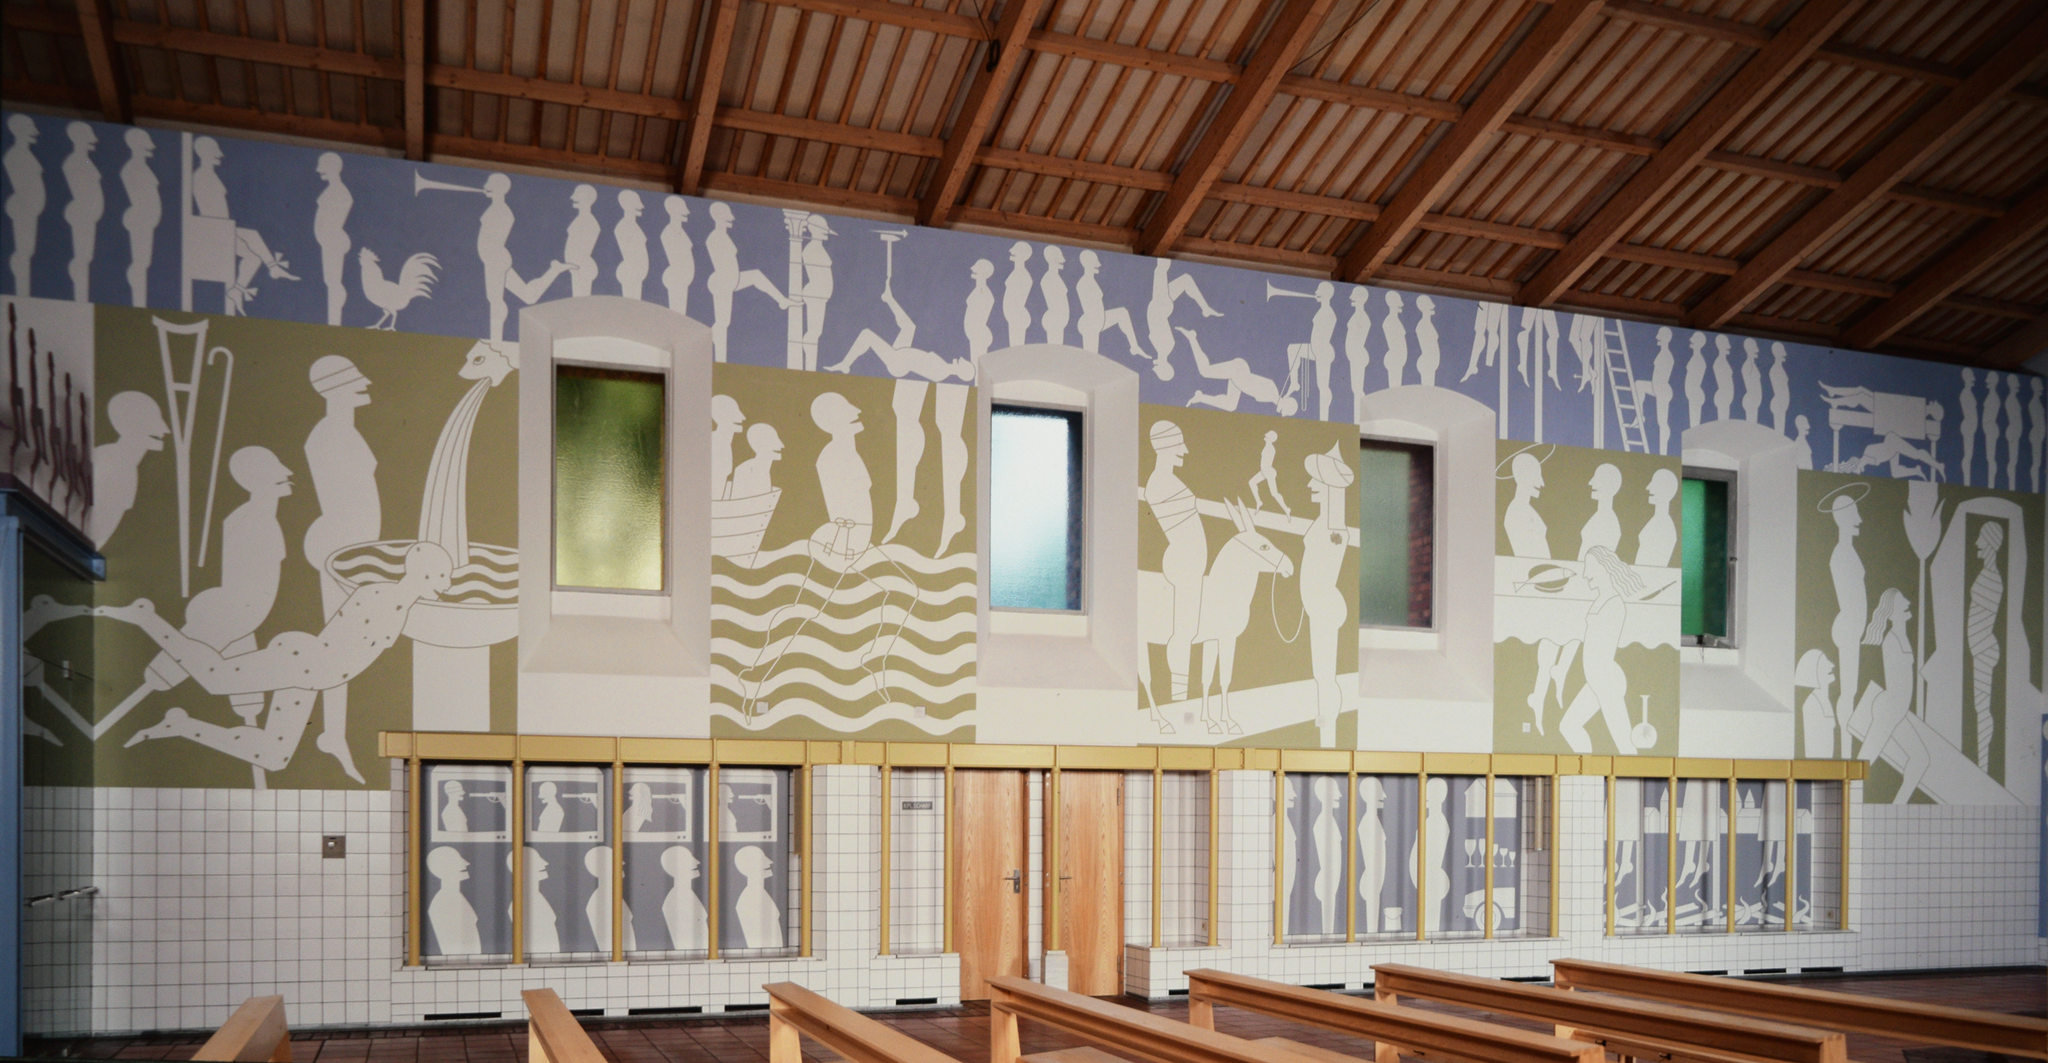 Mur gauche: Nouveau Testament, péchés, glorification de la violence, contrast riche/pauvre, intolérance - Foto Hadler